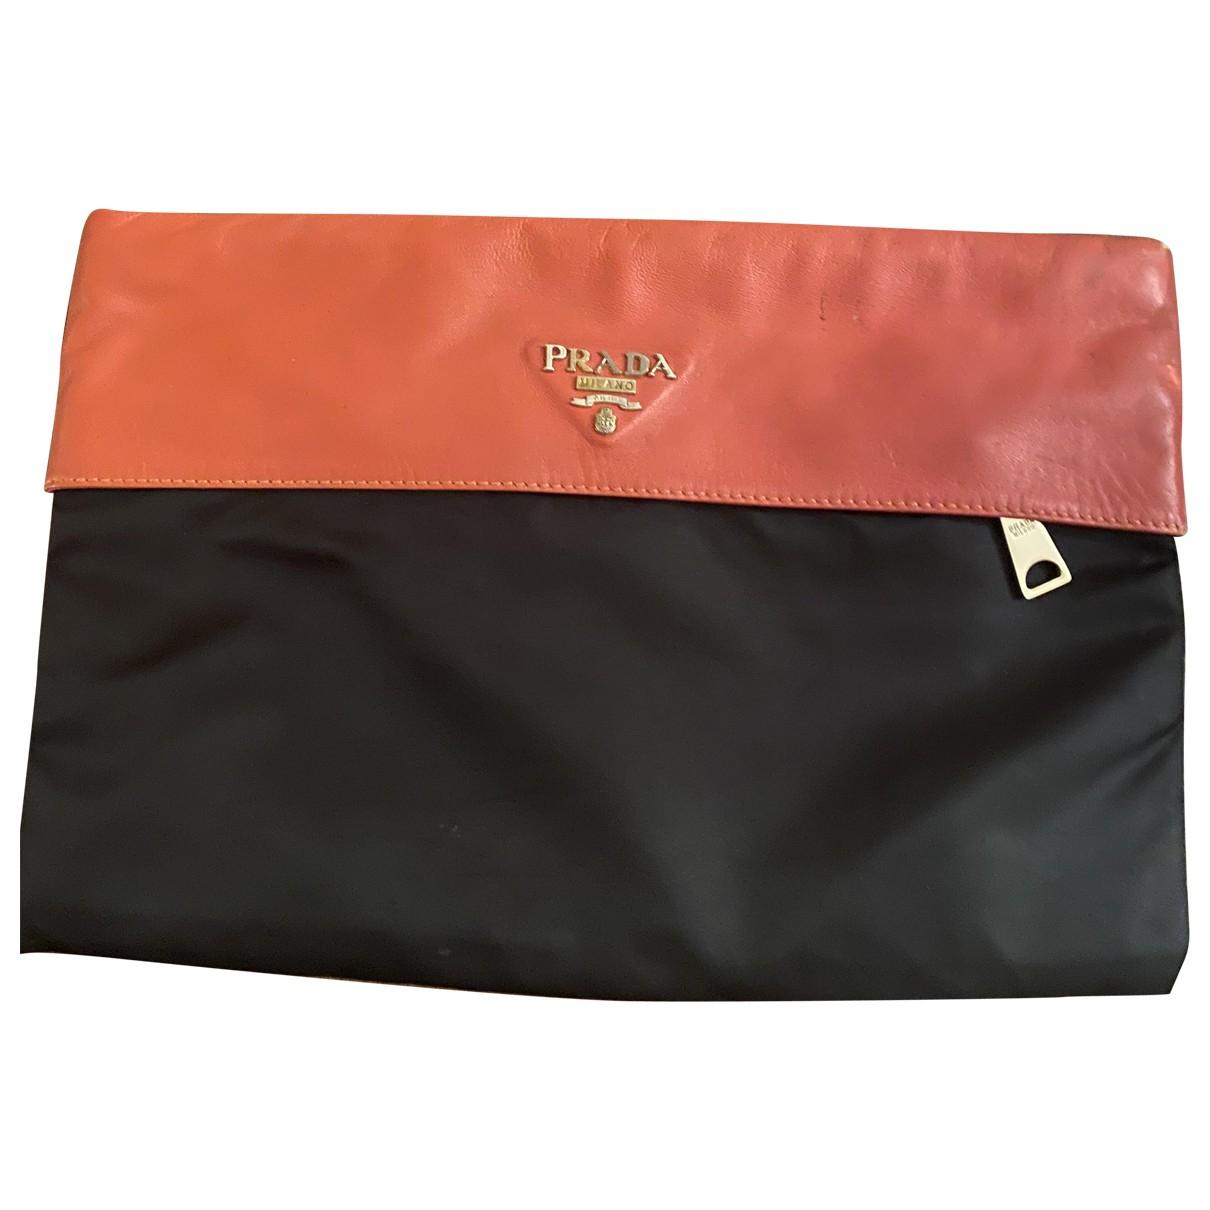 Prada \N Orange Leather Clutch bag for Women \N